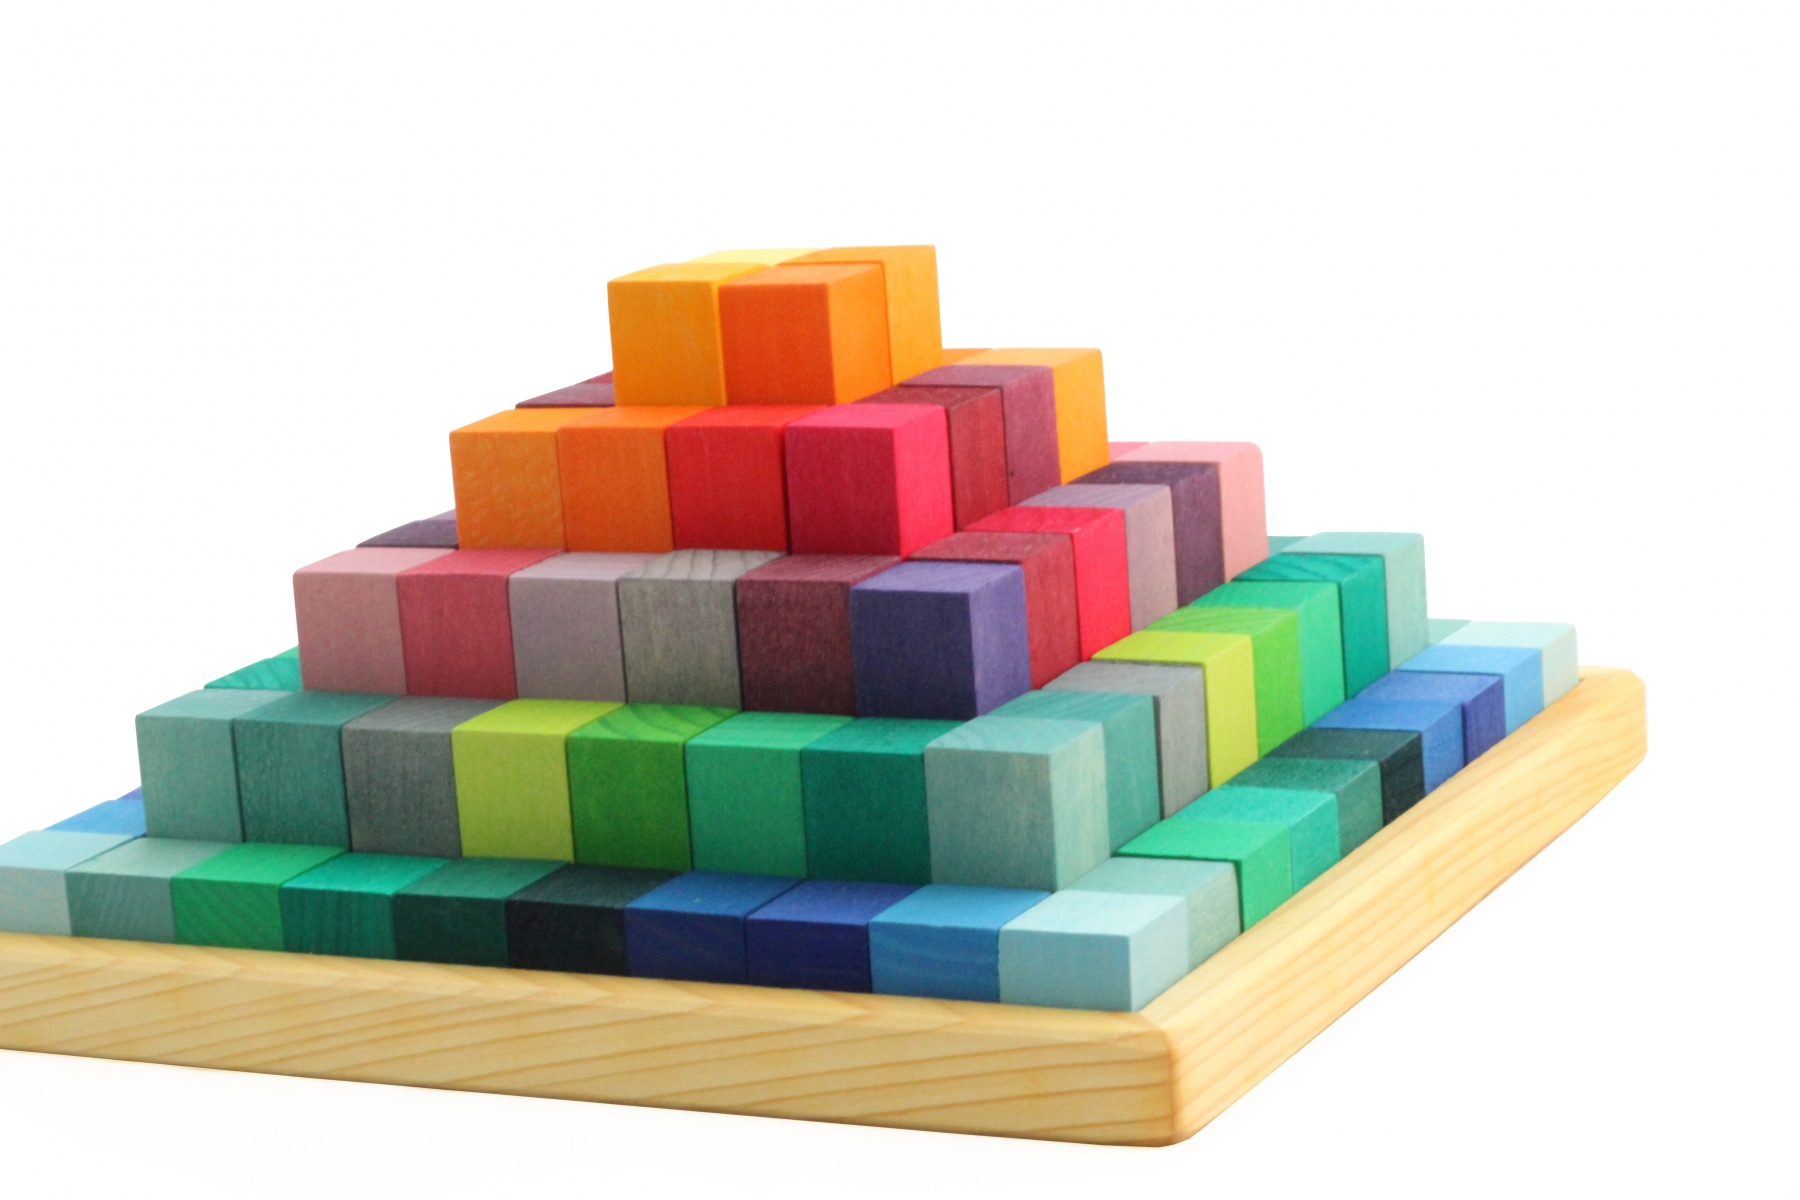 Jeux et Jouets > Jeux de construction > Jeu de construction Pyramide ~ Jeux De Construction En Bois